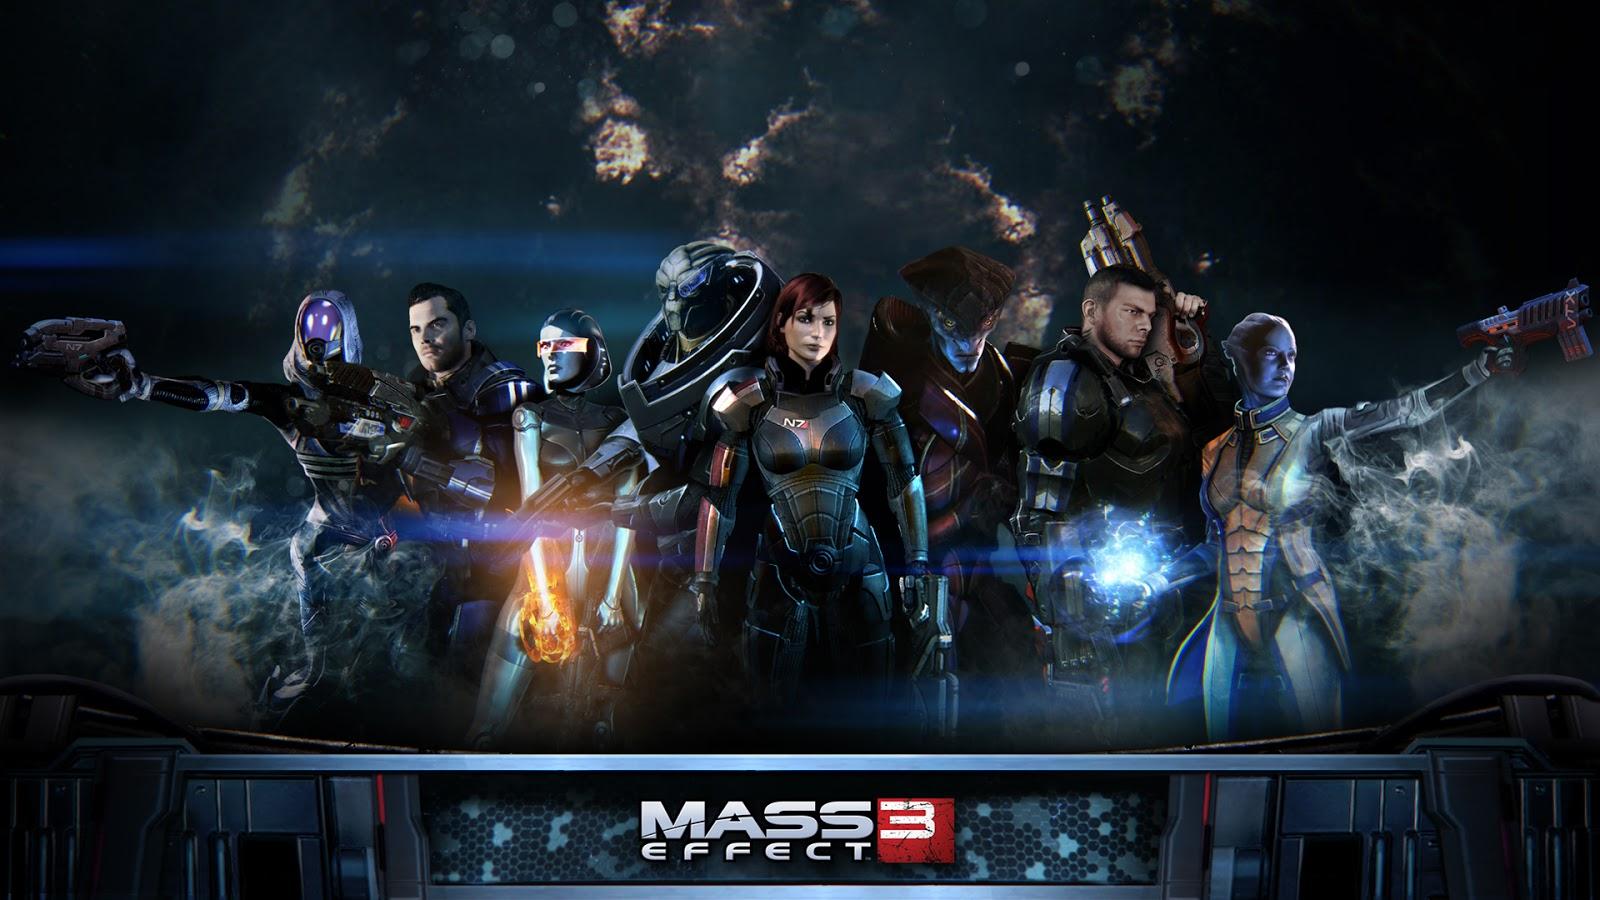 mass effect 3 game full hd desktop wallpapers 1080p